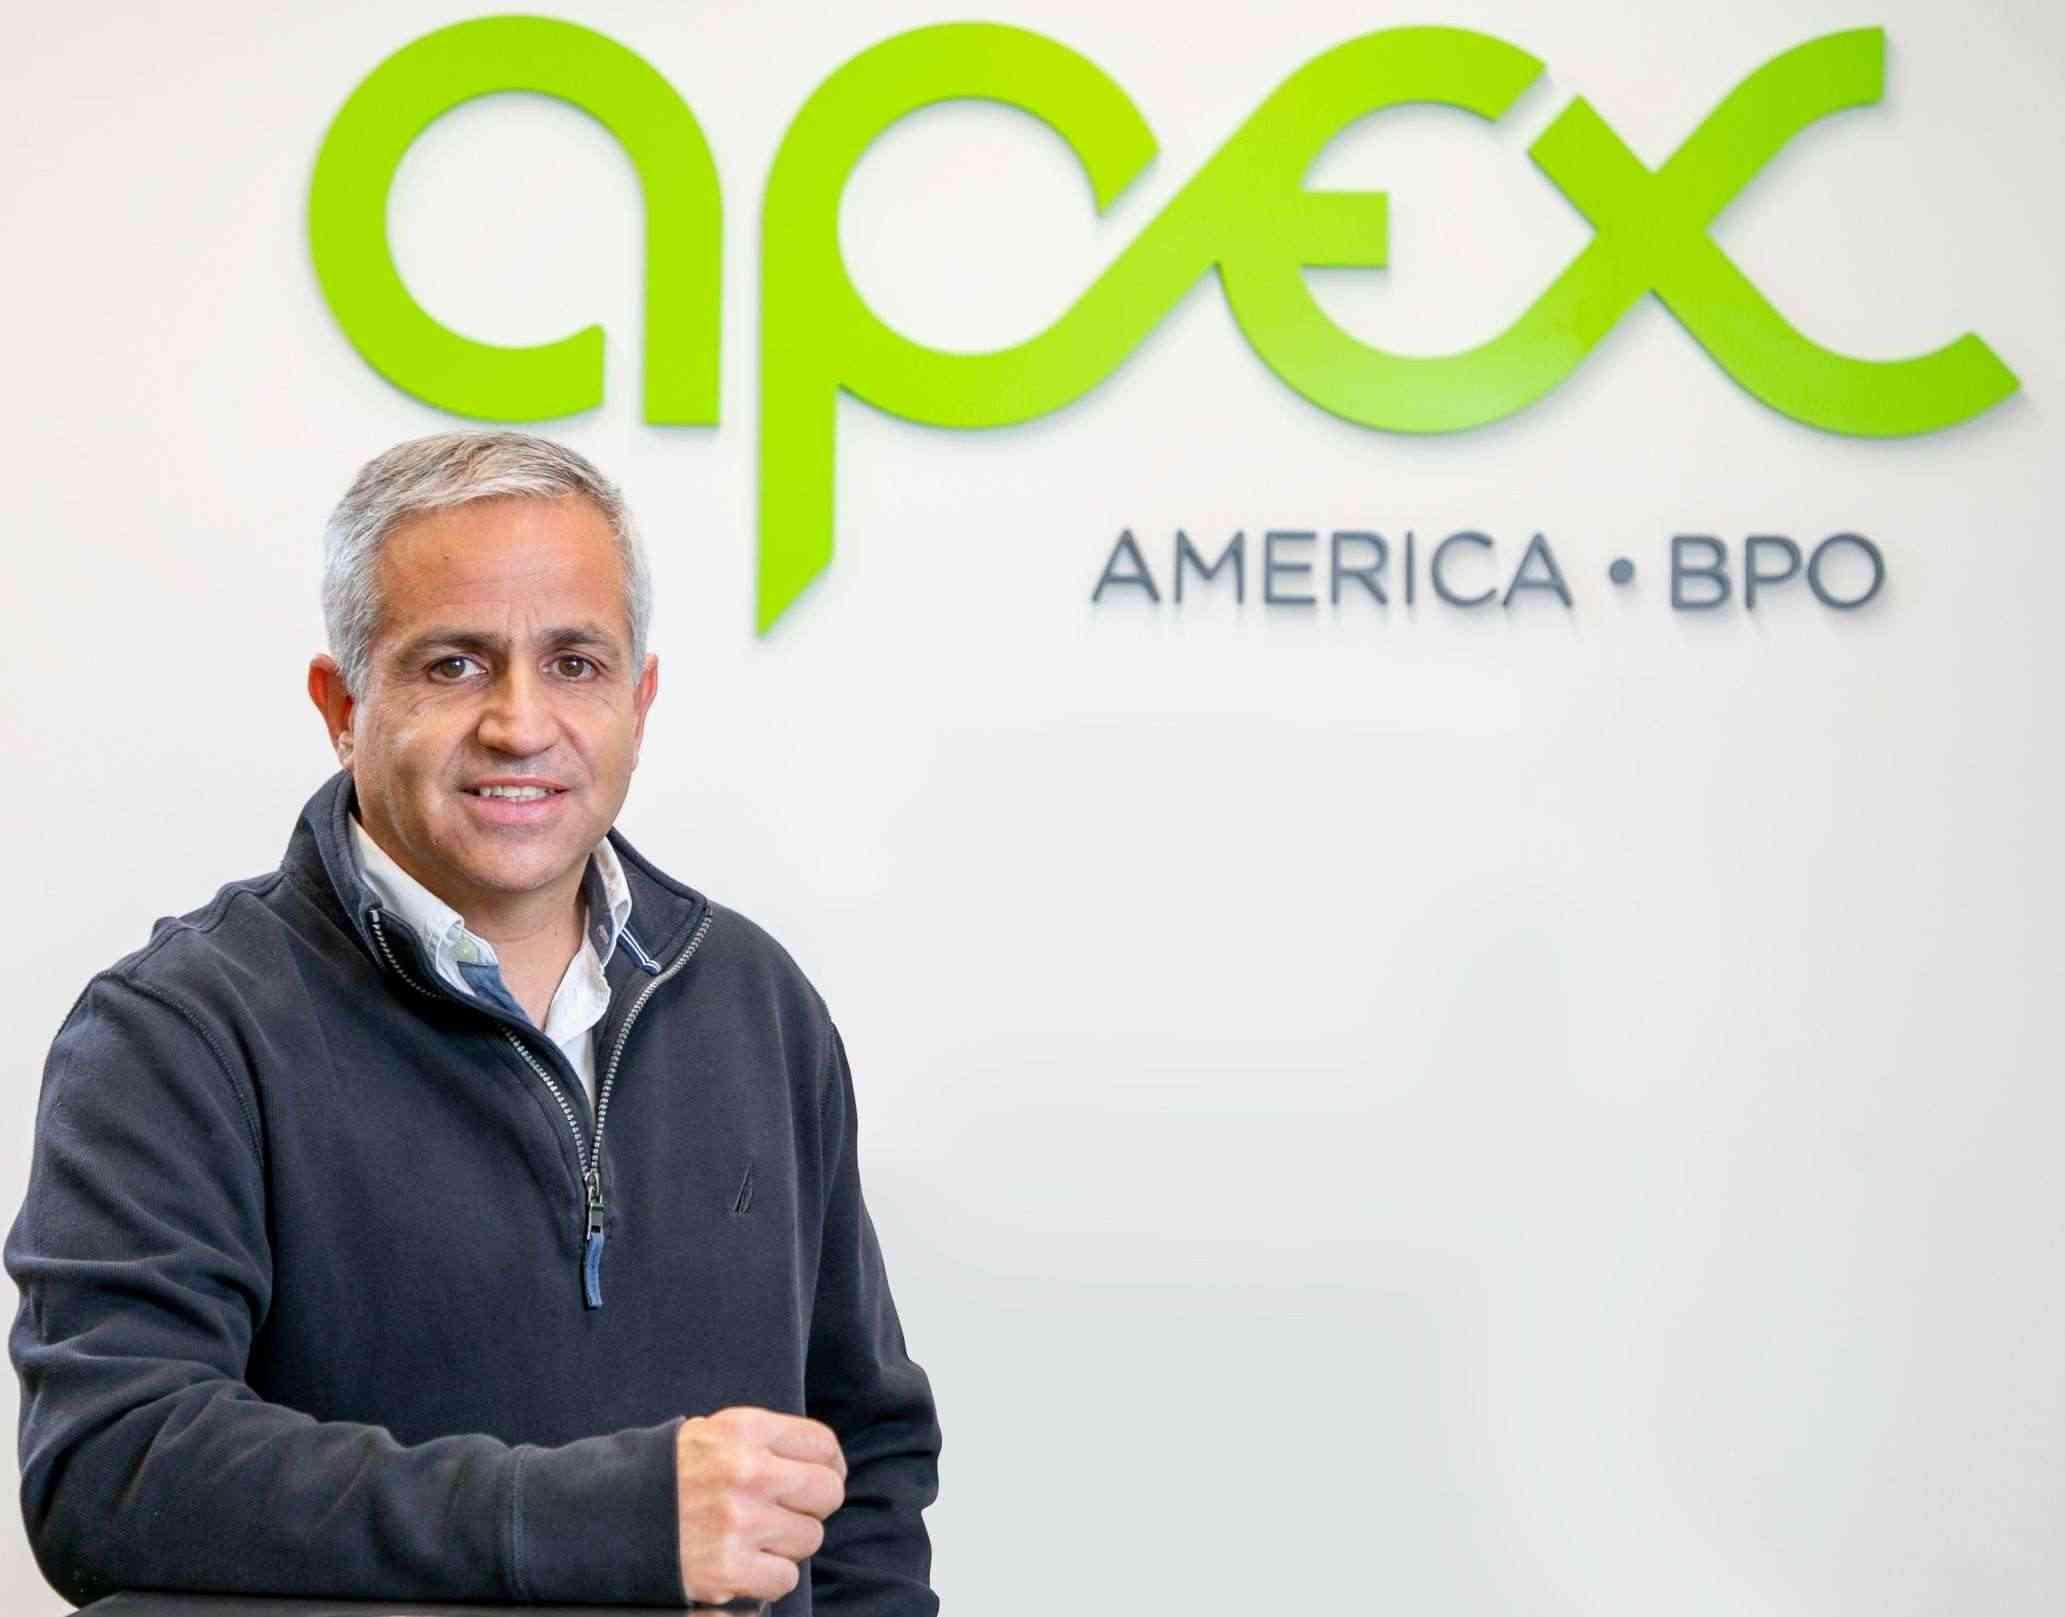 apex america profundiza y consolida su expansion regional - Apex America profundiza y consolida su expansión regional